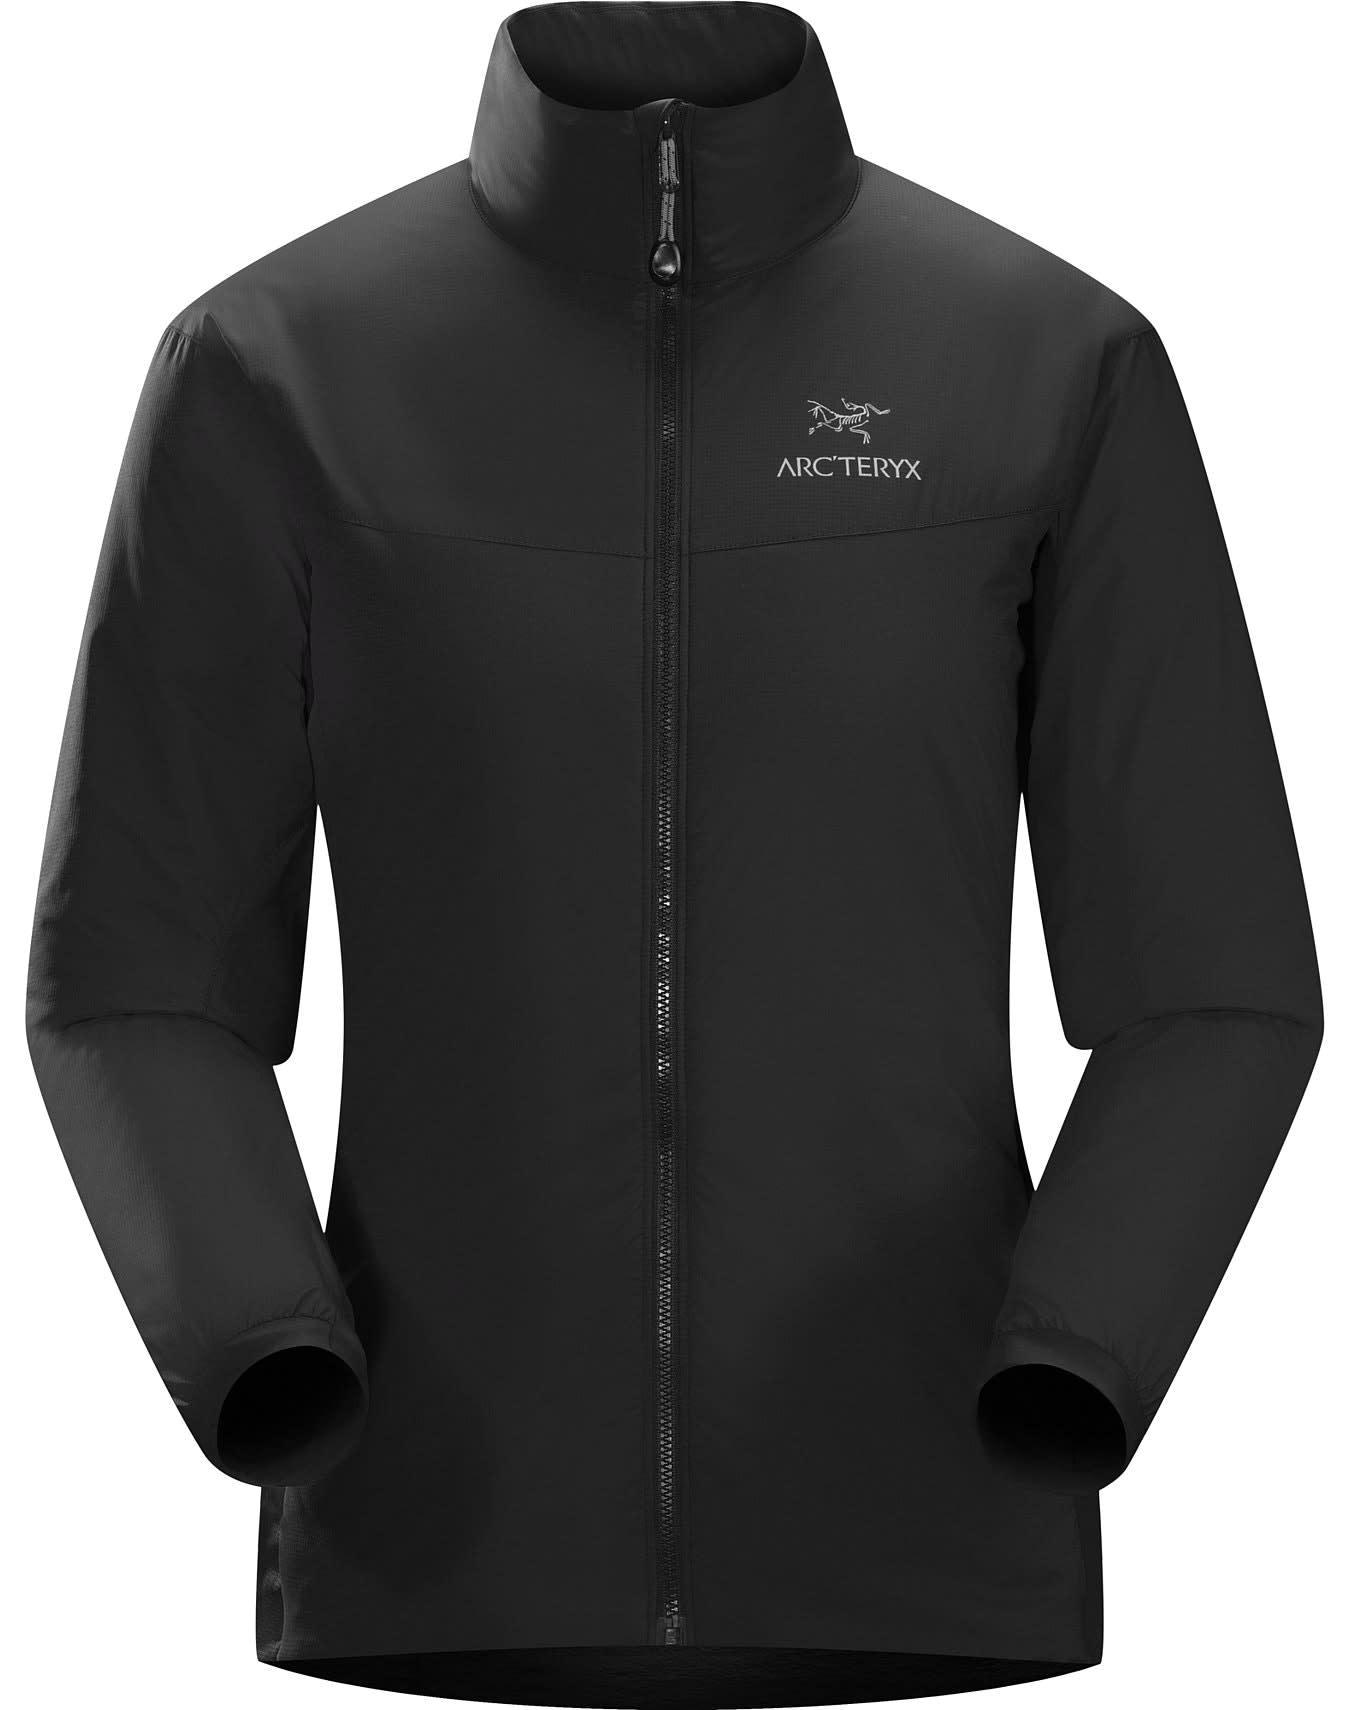 ARCTERYX Arc'teryx W's Atom LT Jacket